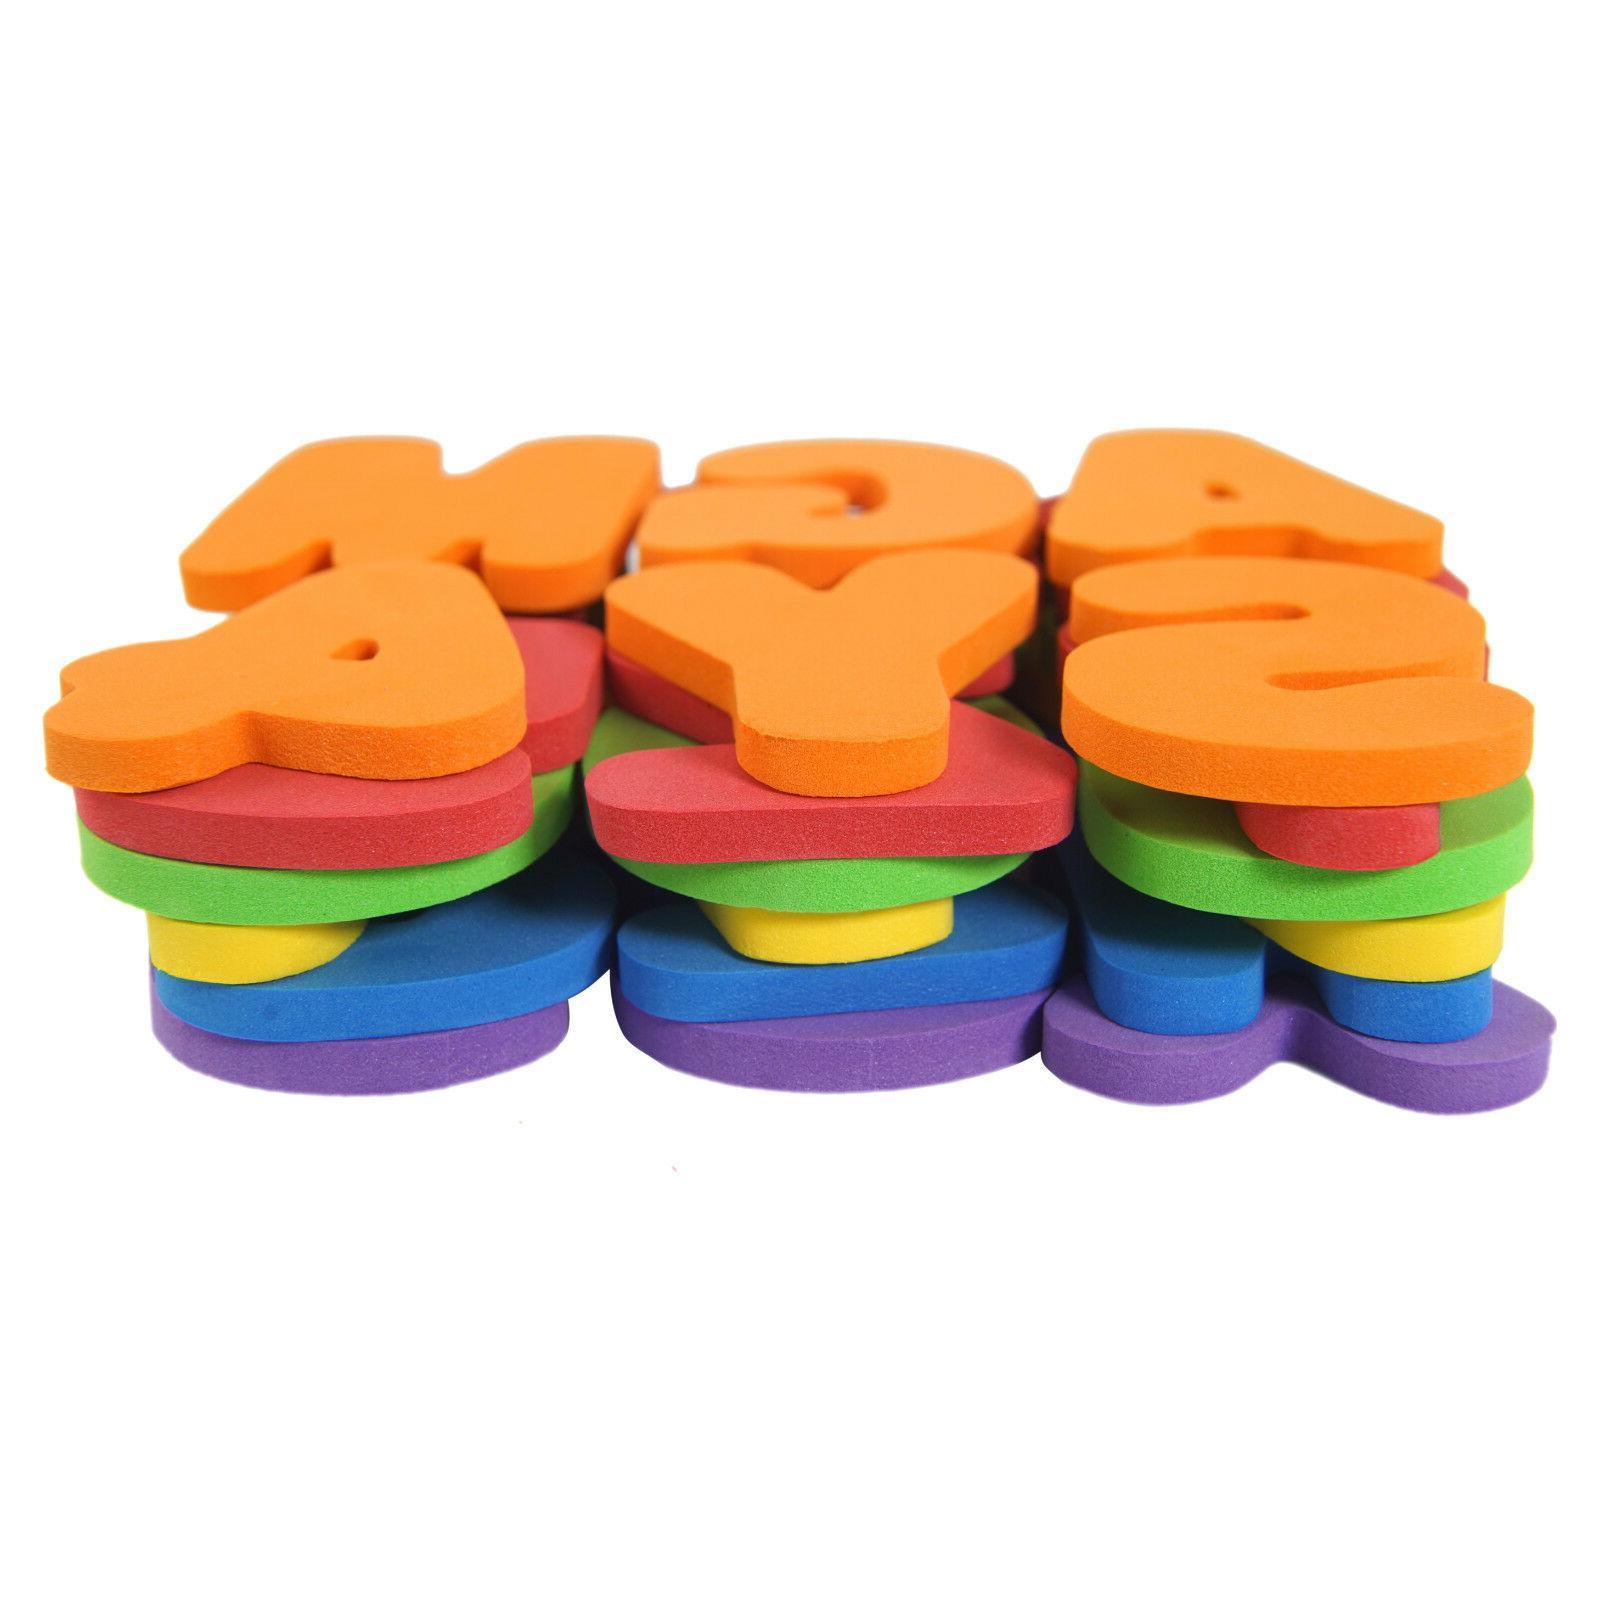 36pcs Alphabet Toys Floating - USA Shipping